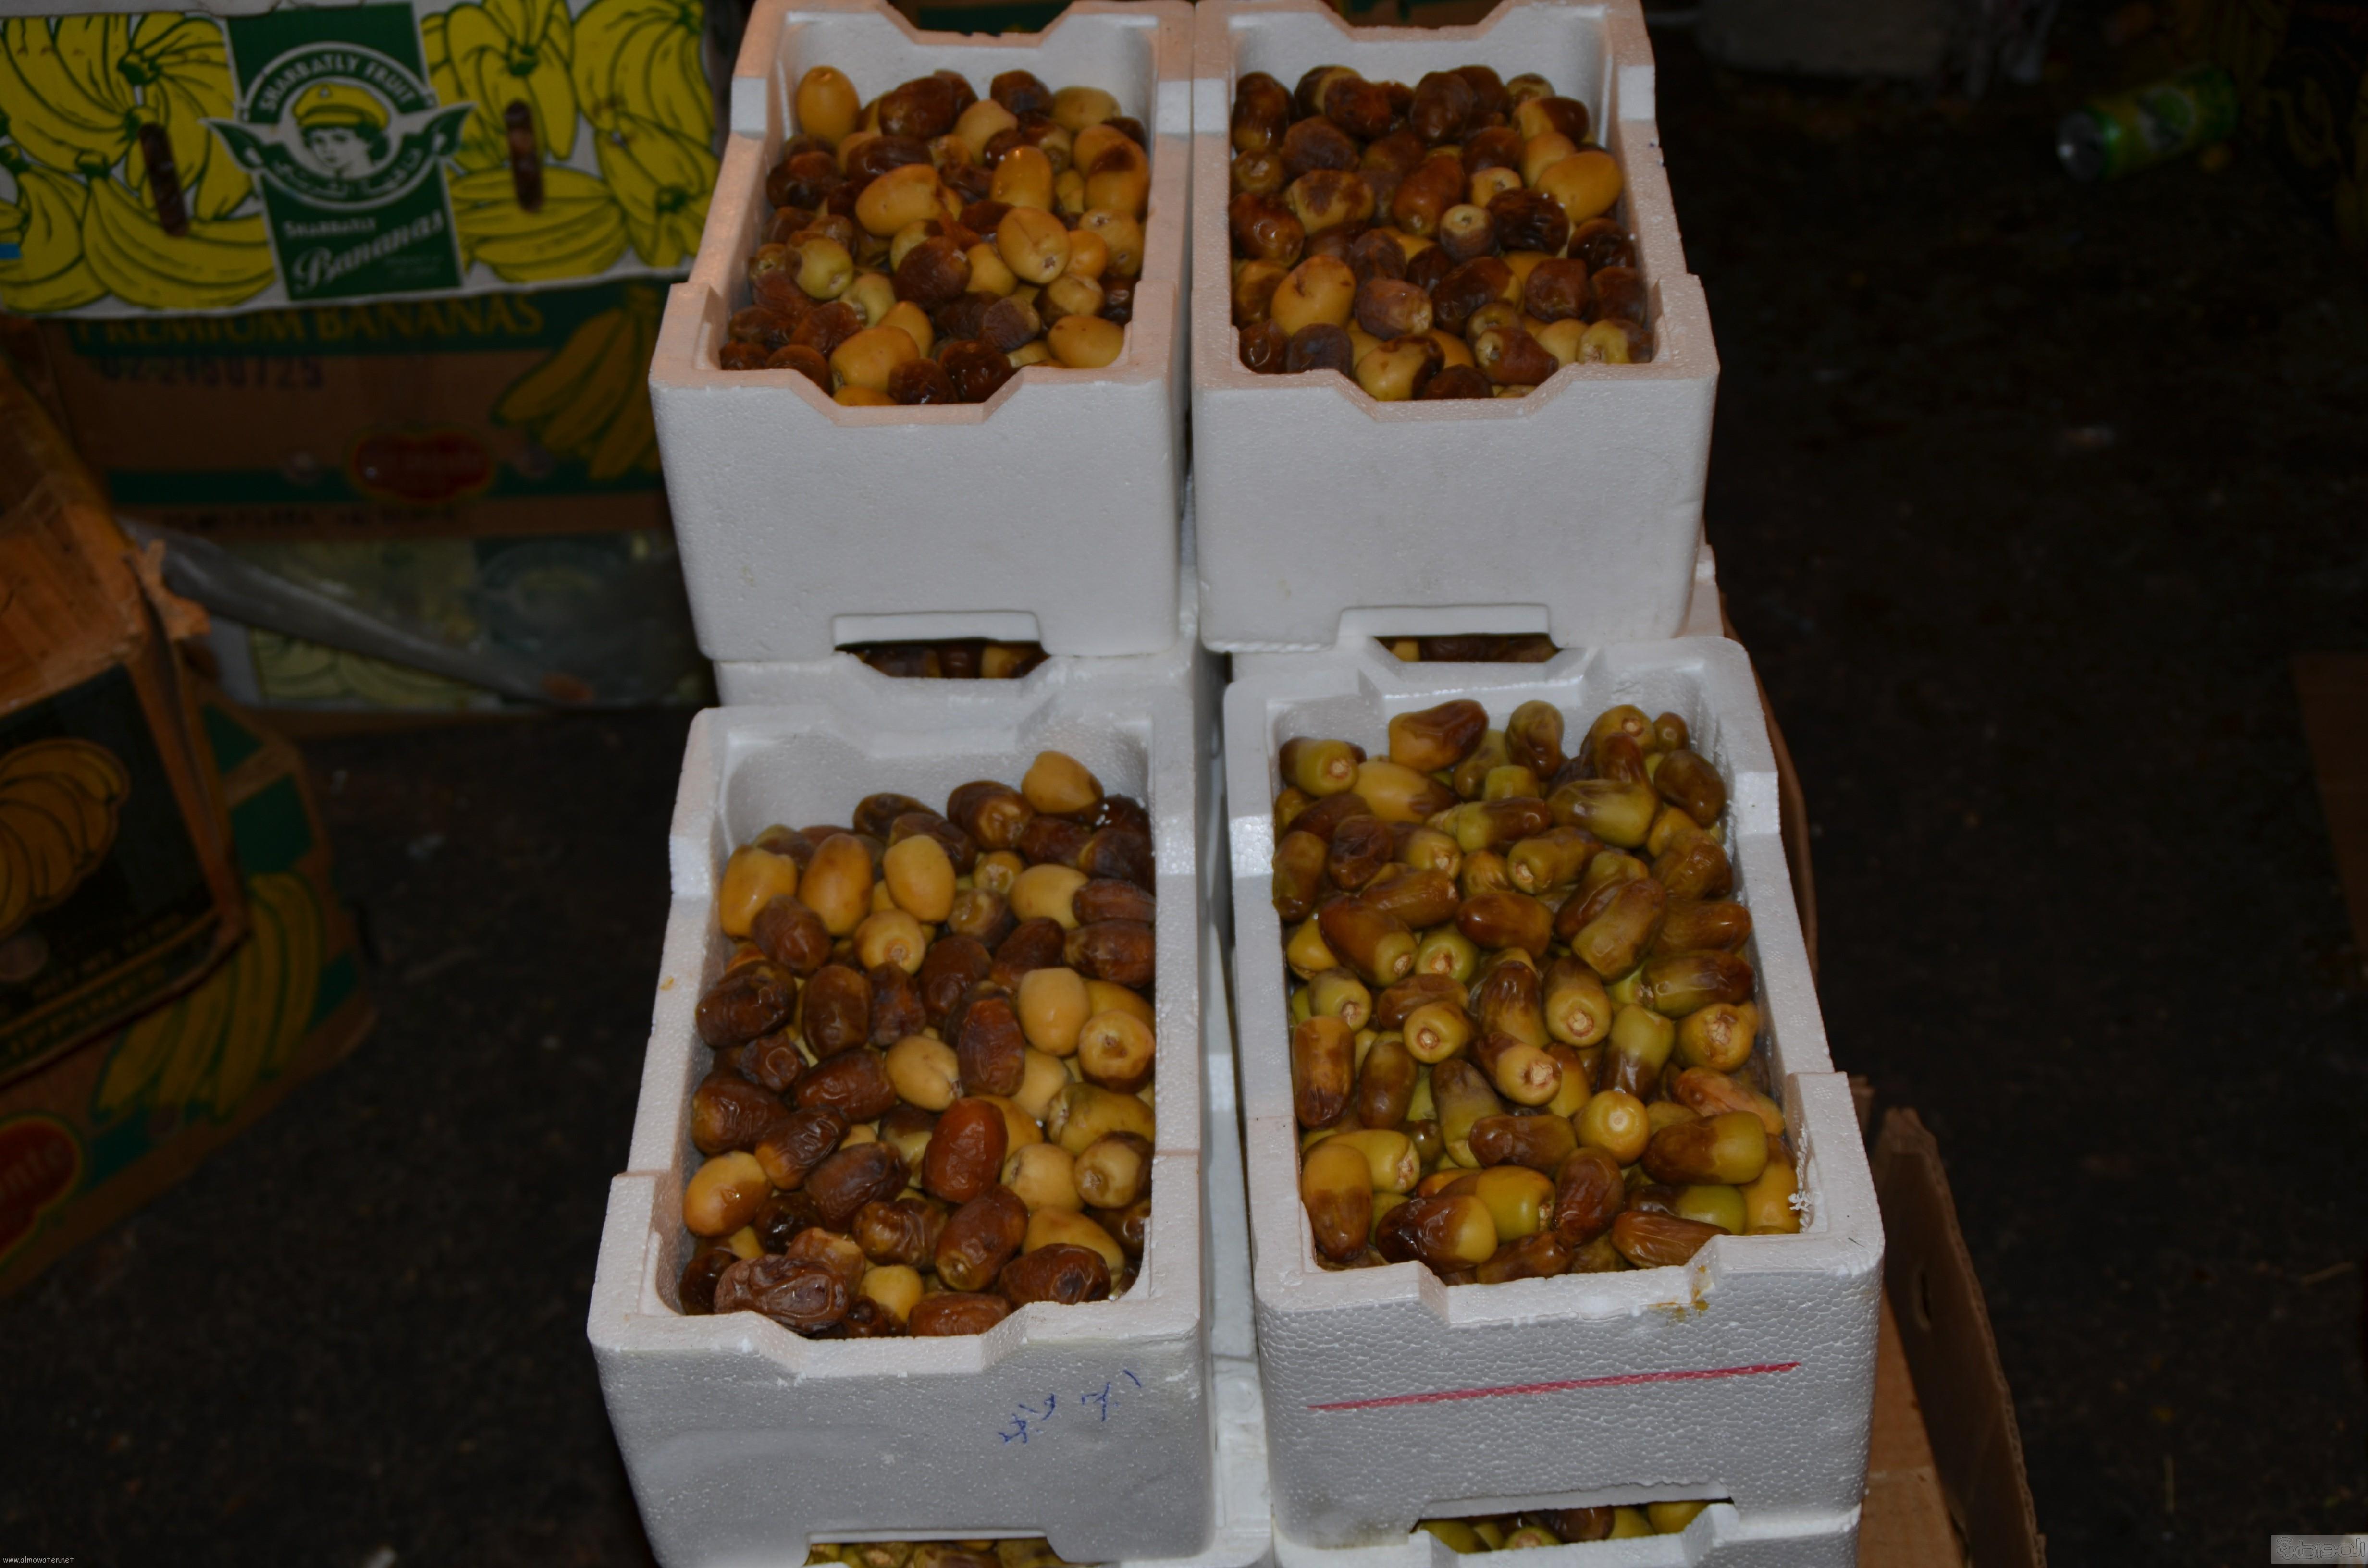 جولة باسواق الحلويات والتمور في جدة قبل العيد (14)